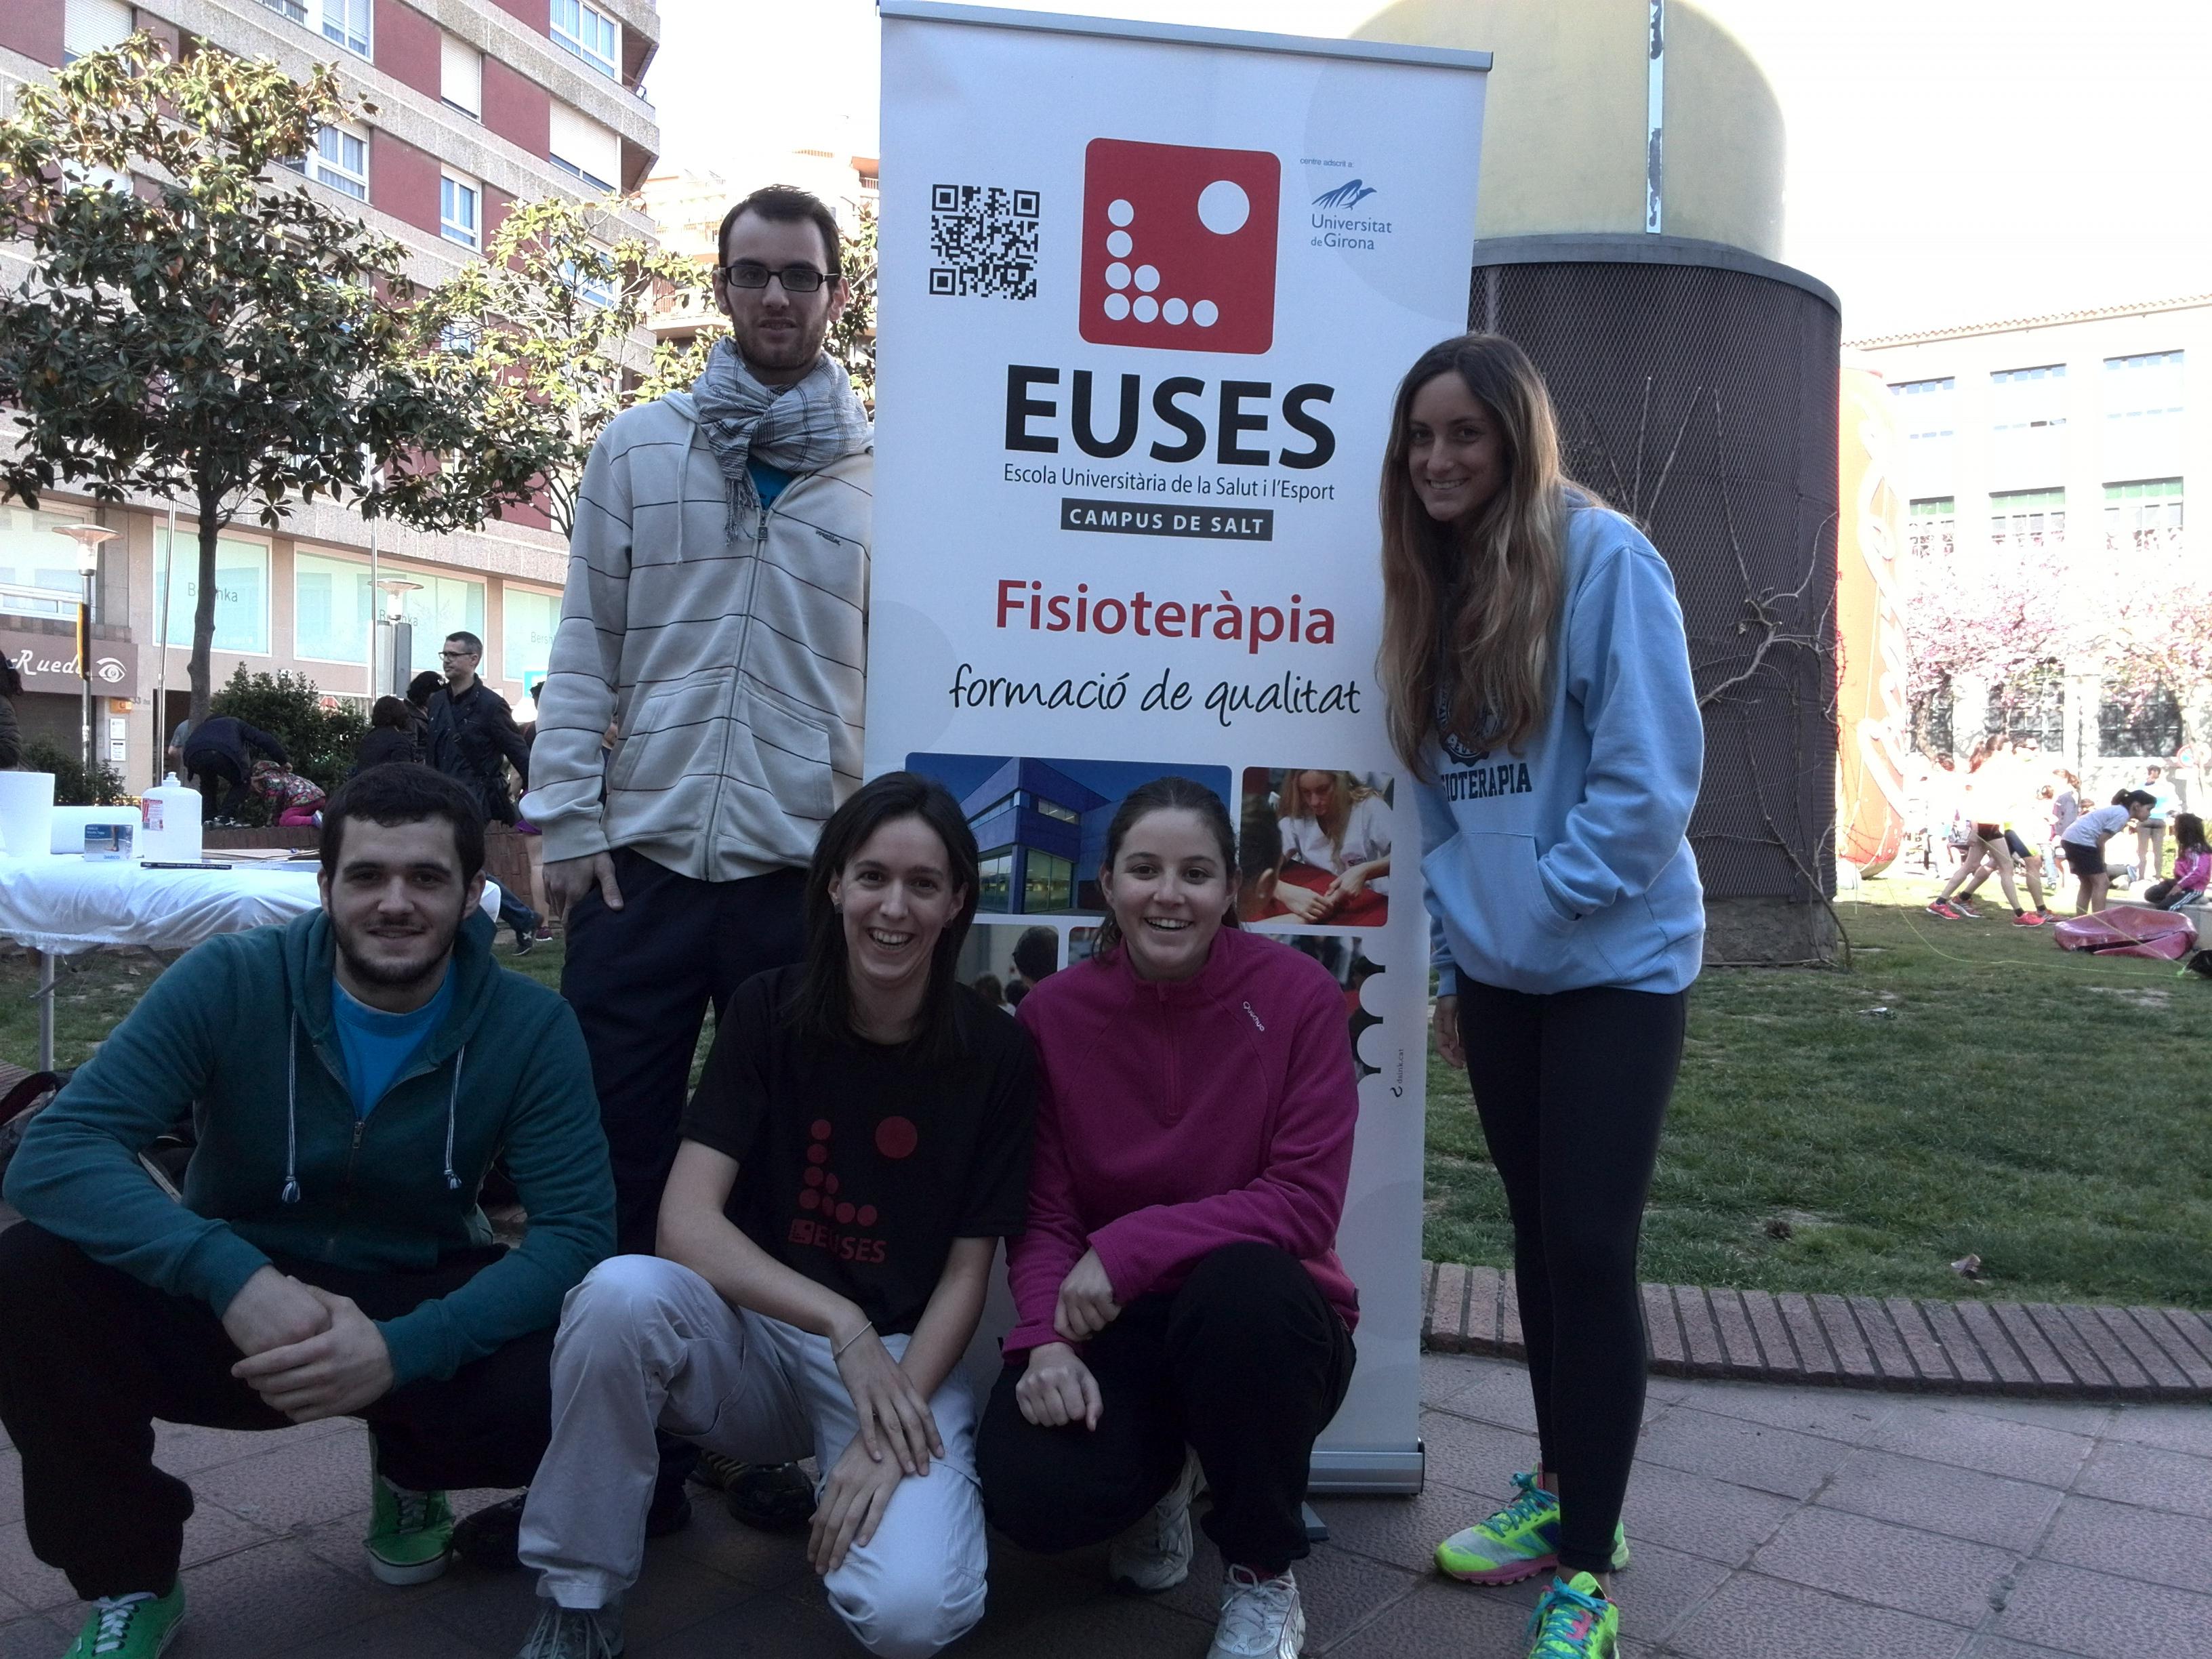 EUSES col·labora en la recuperació dels esportistes en la cursa d'Esports Parra